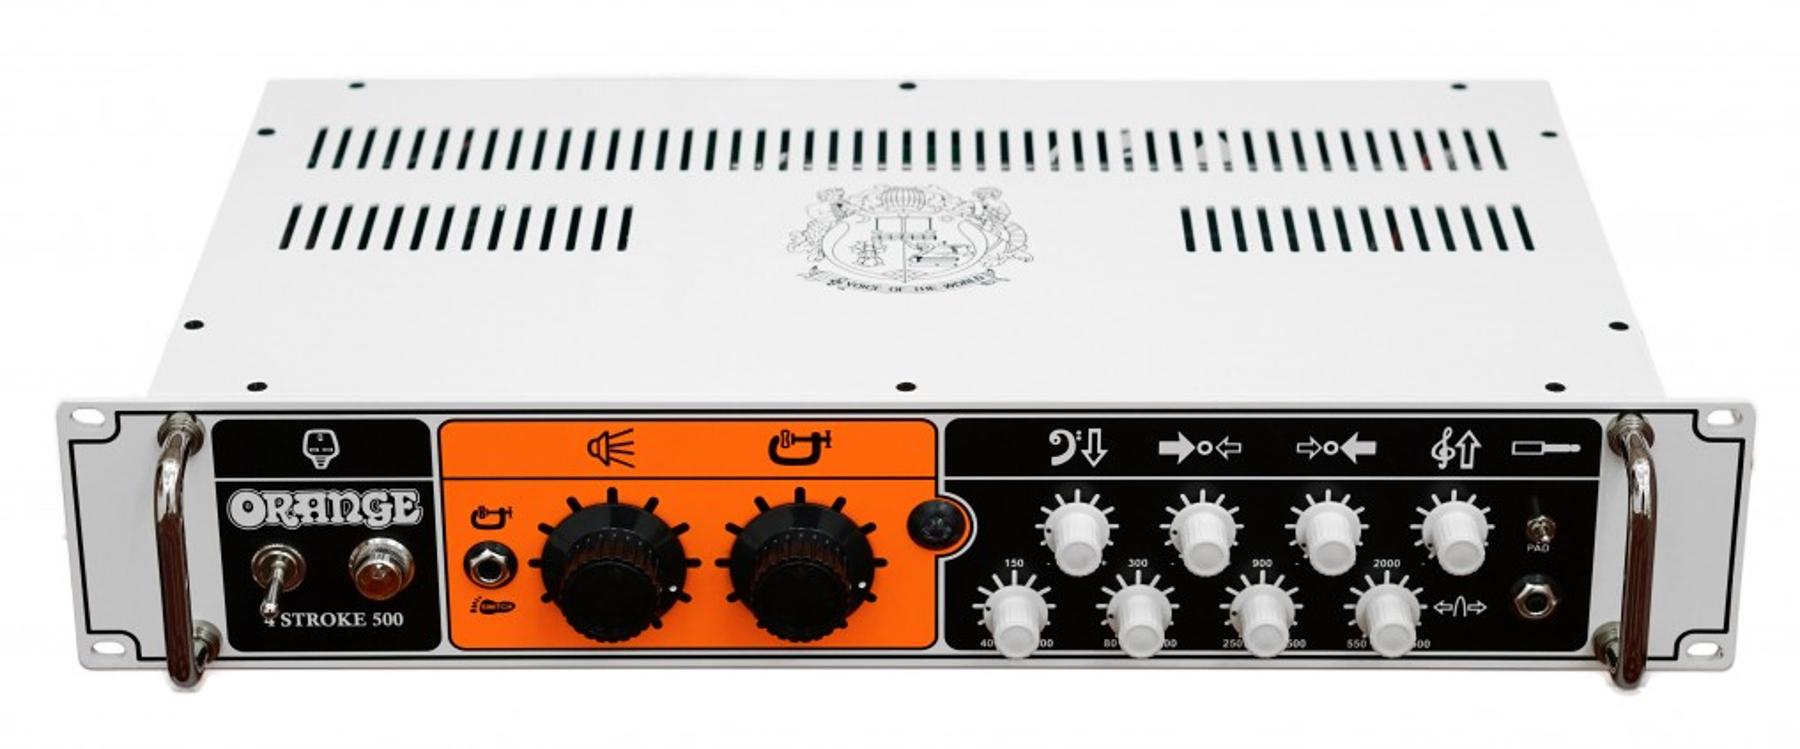 500 Watt Solid State Bass Amplifier Head, Rackmountable